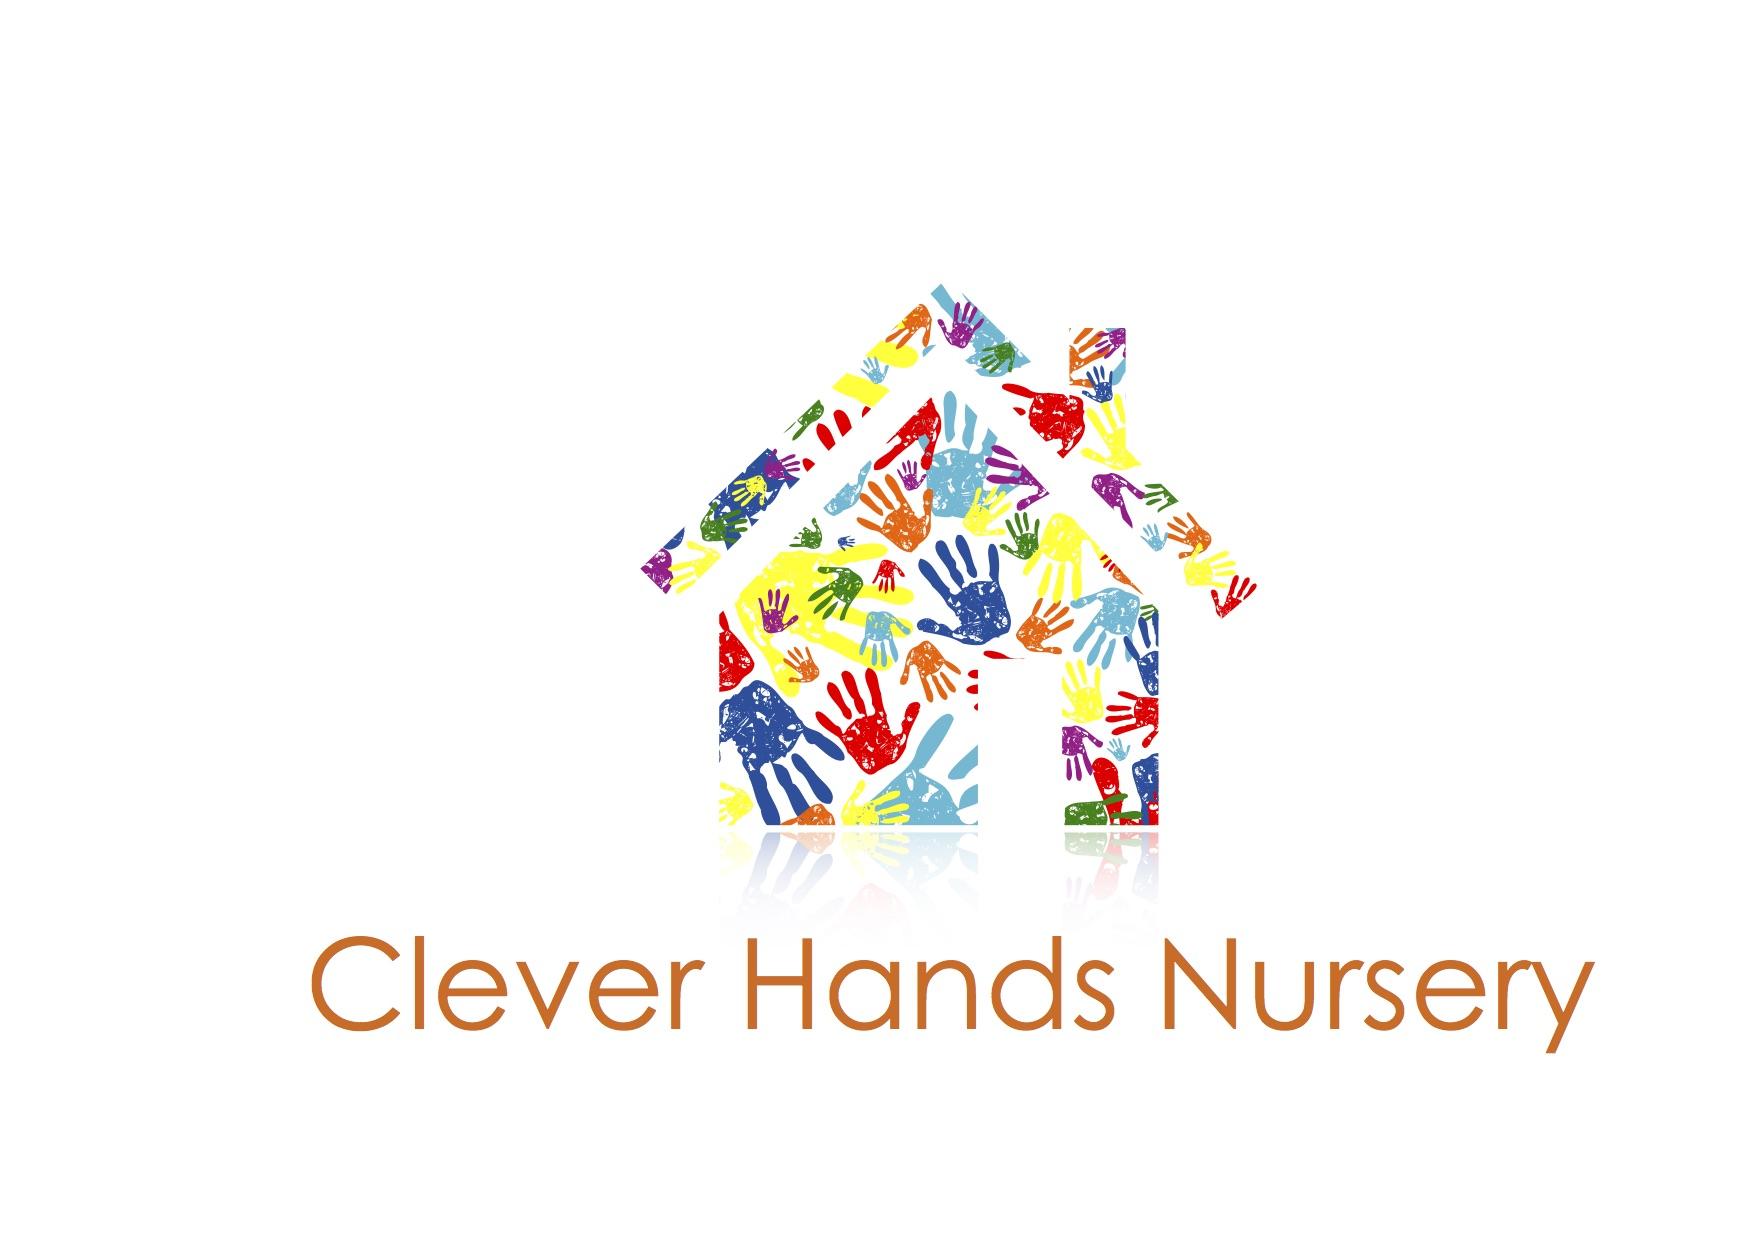 Clever Hands Nursery